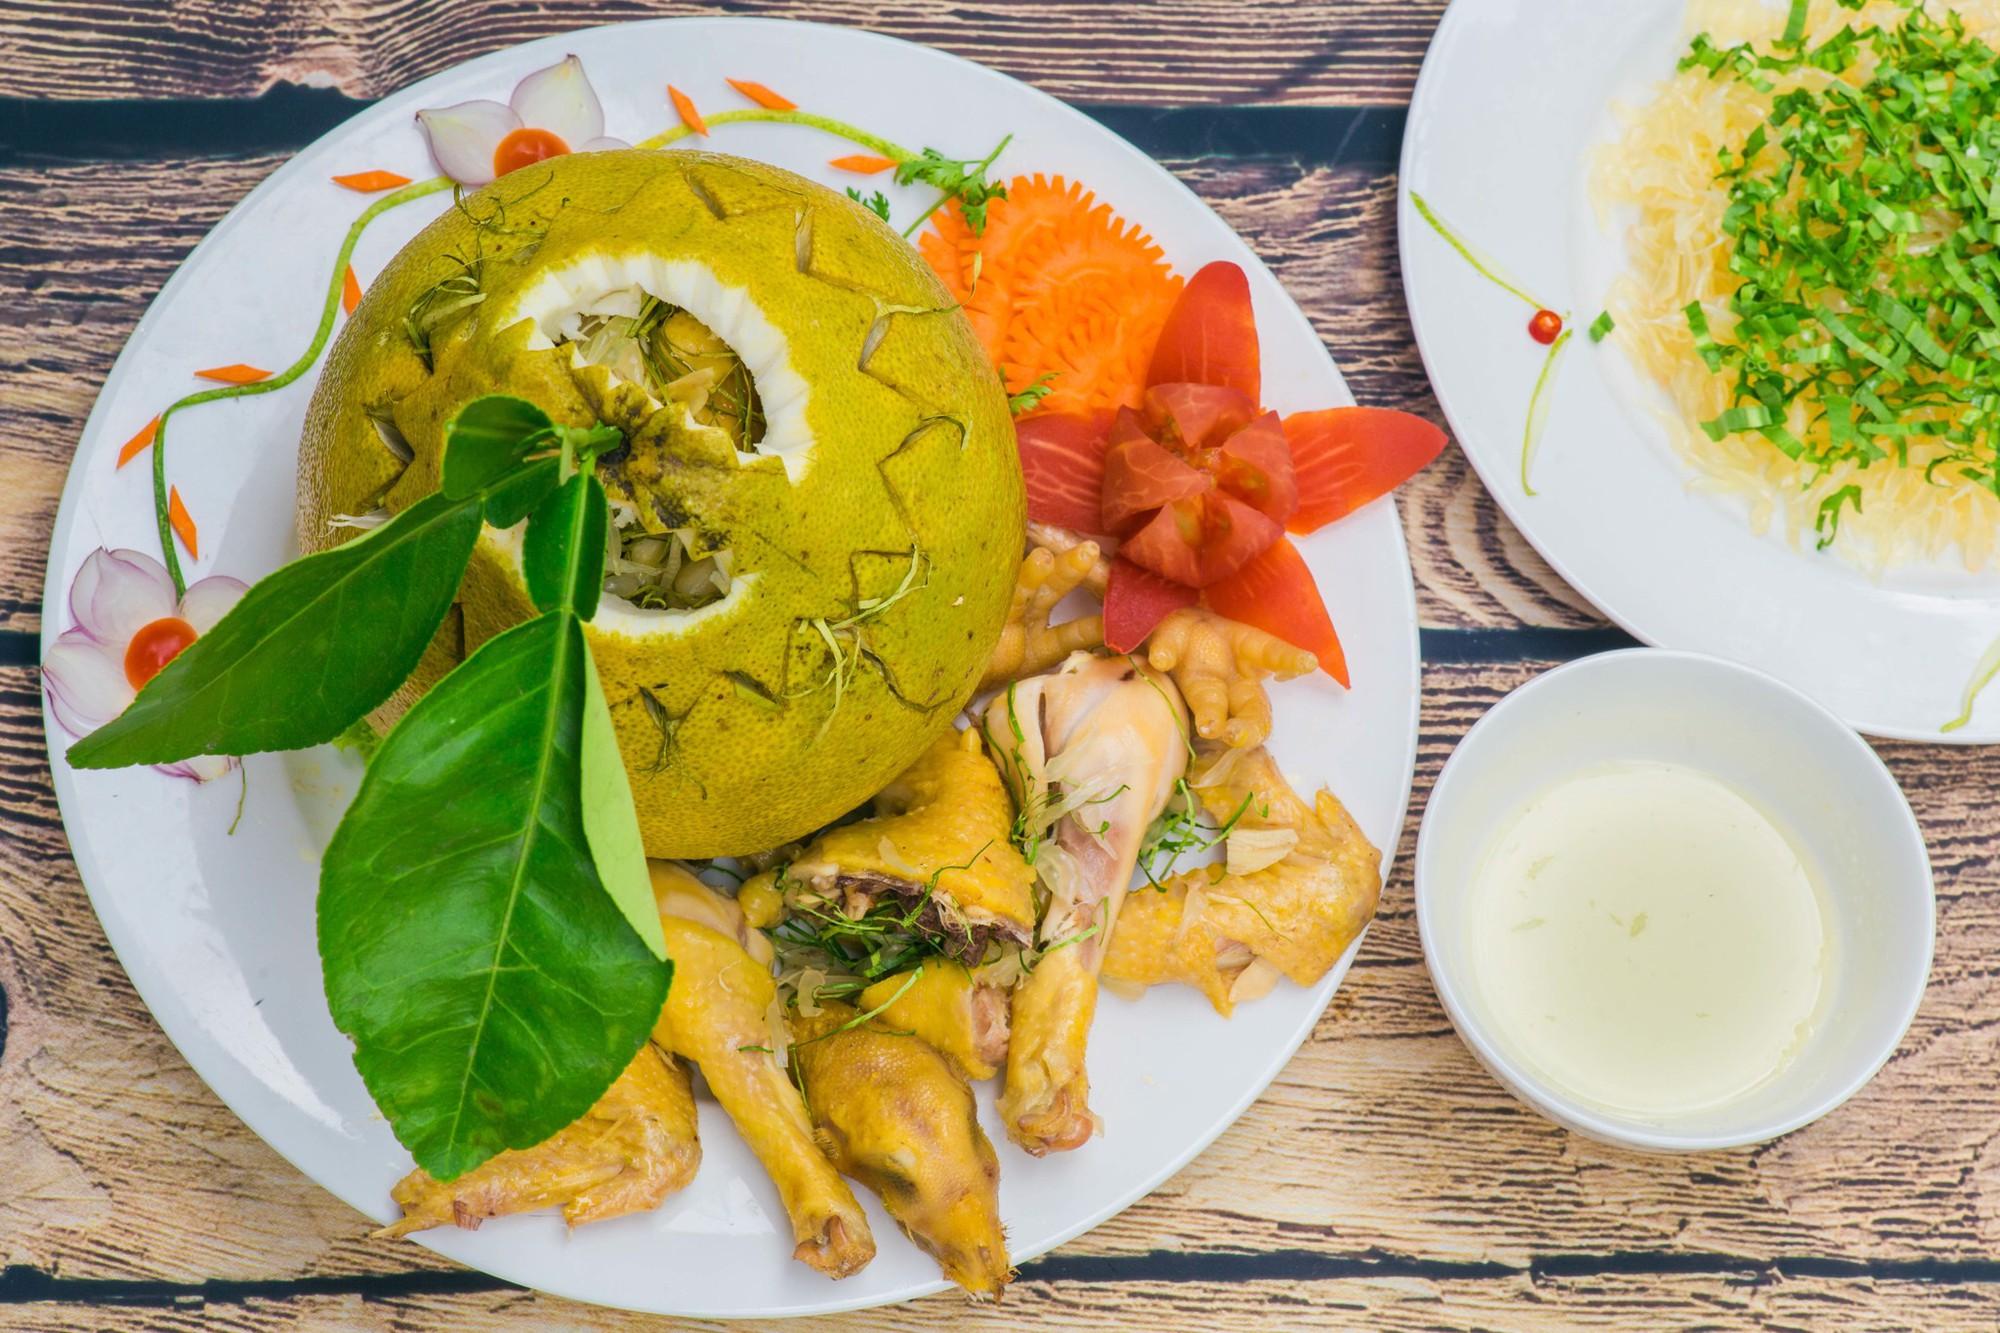 Thật nể người Đồng Nai, có thể bắt cả con gà chui tọt vào quả bưởi để làm thành đặc sản lừng danh - Ảnh 5.